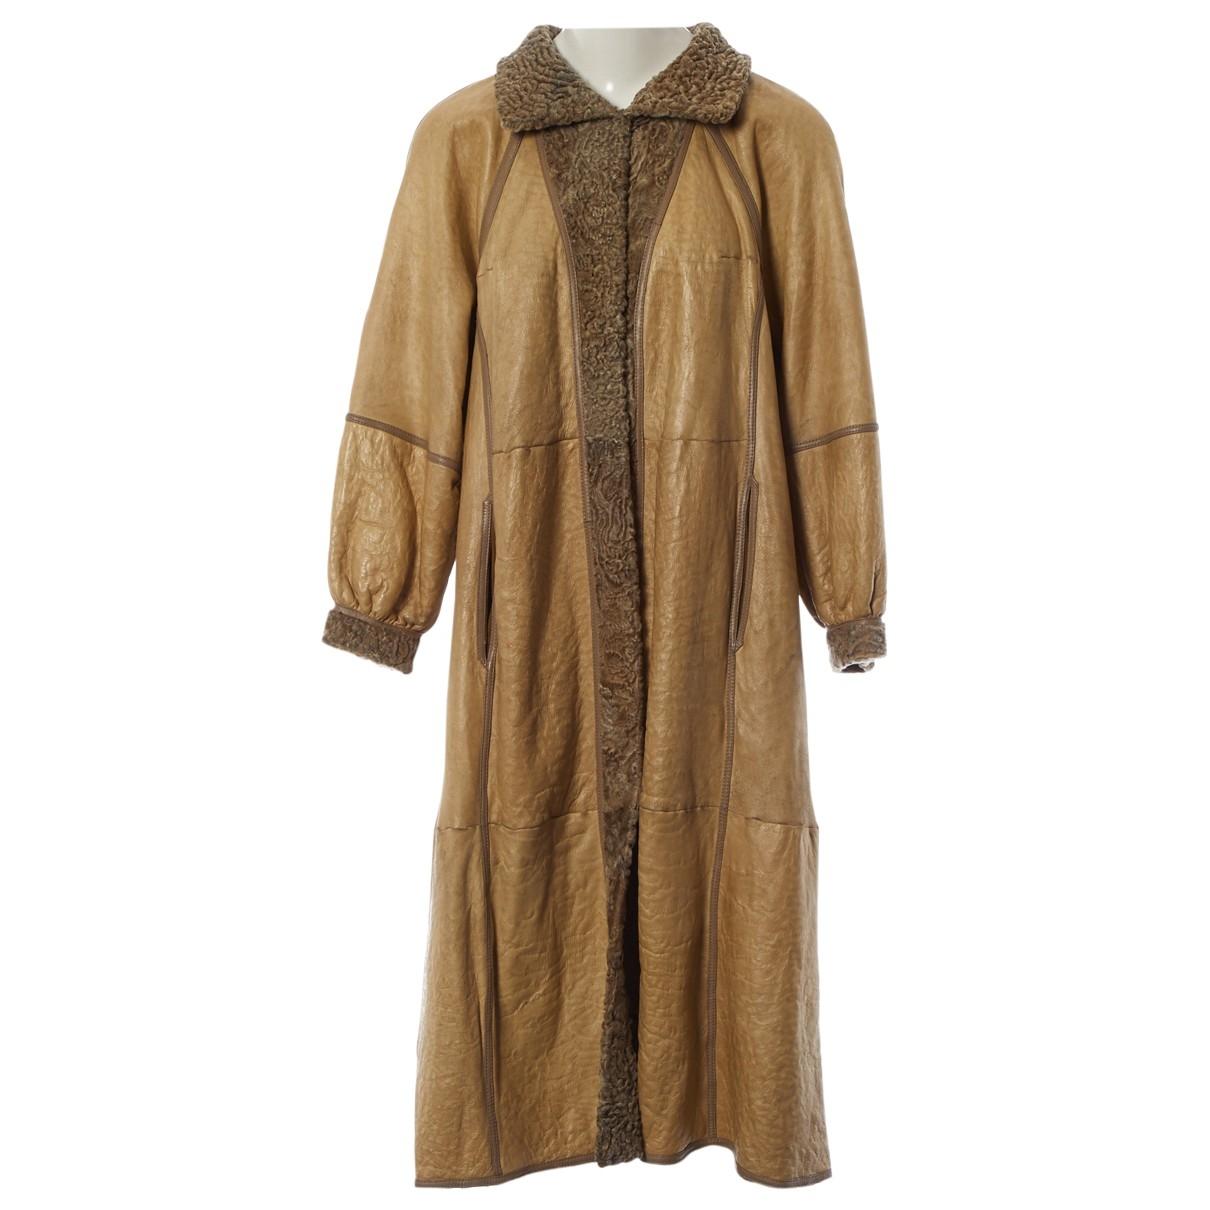 Birger Christensen - Manteau   pour femme en cuir - beige